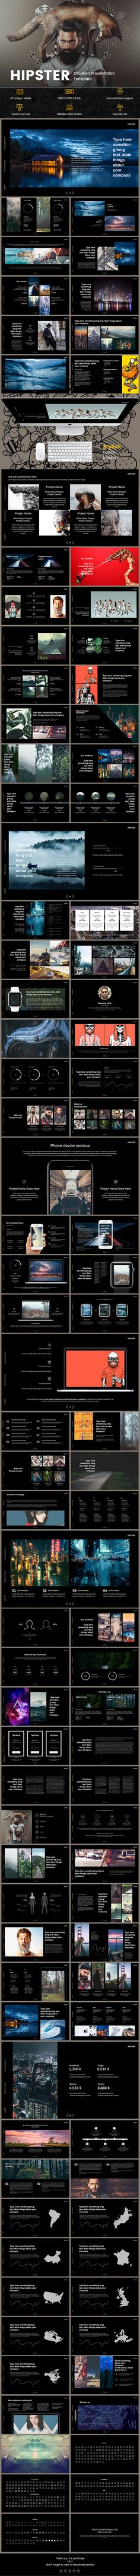 Hipster - Keynote Presentation Template - 97 Unique Slides